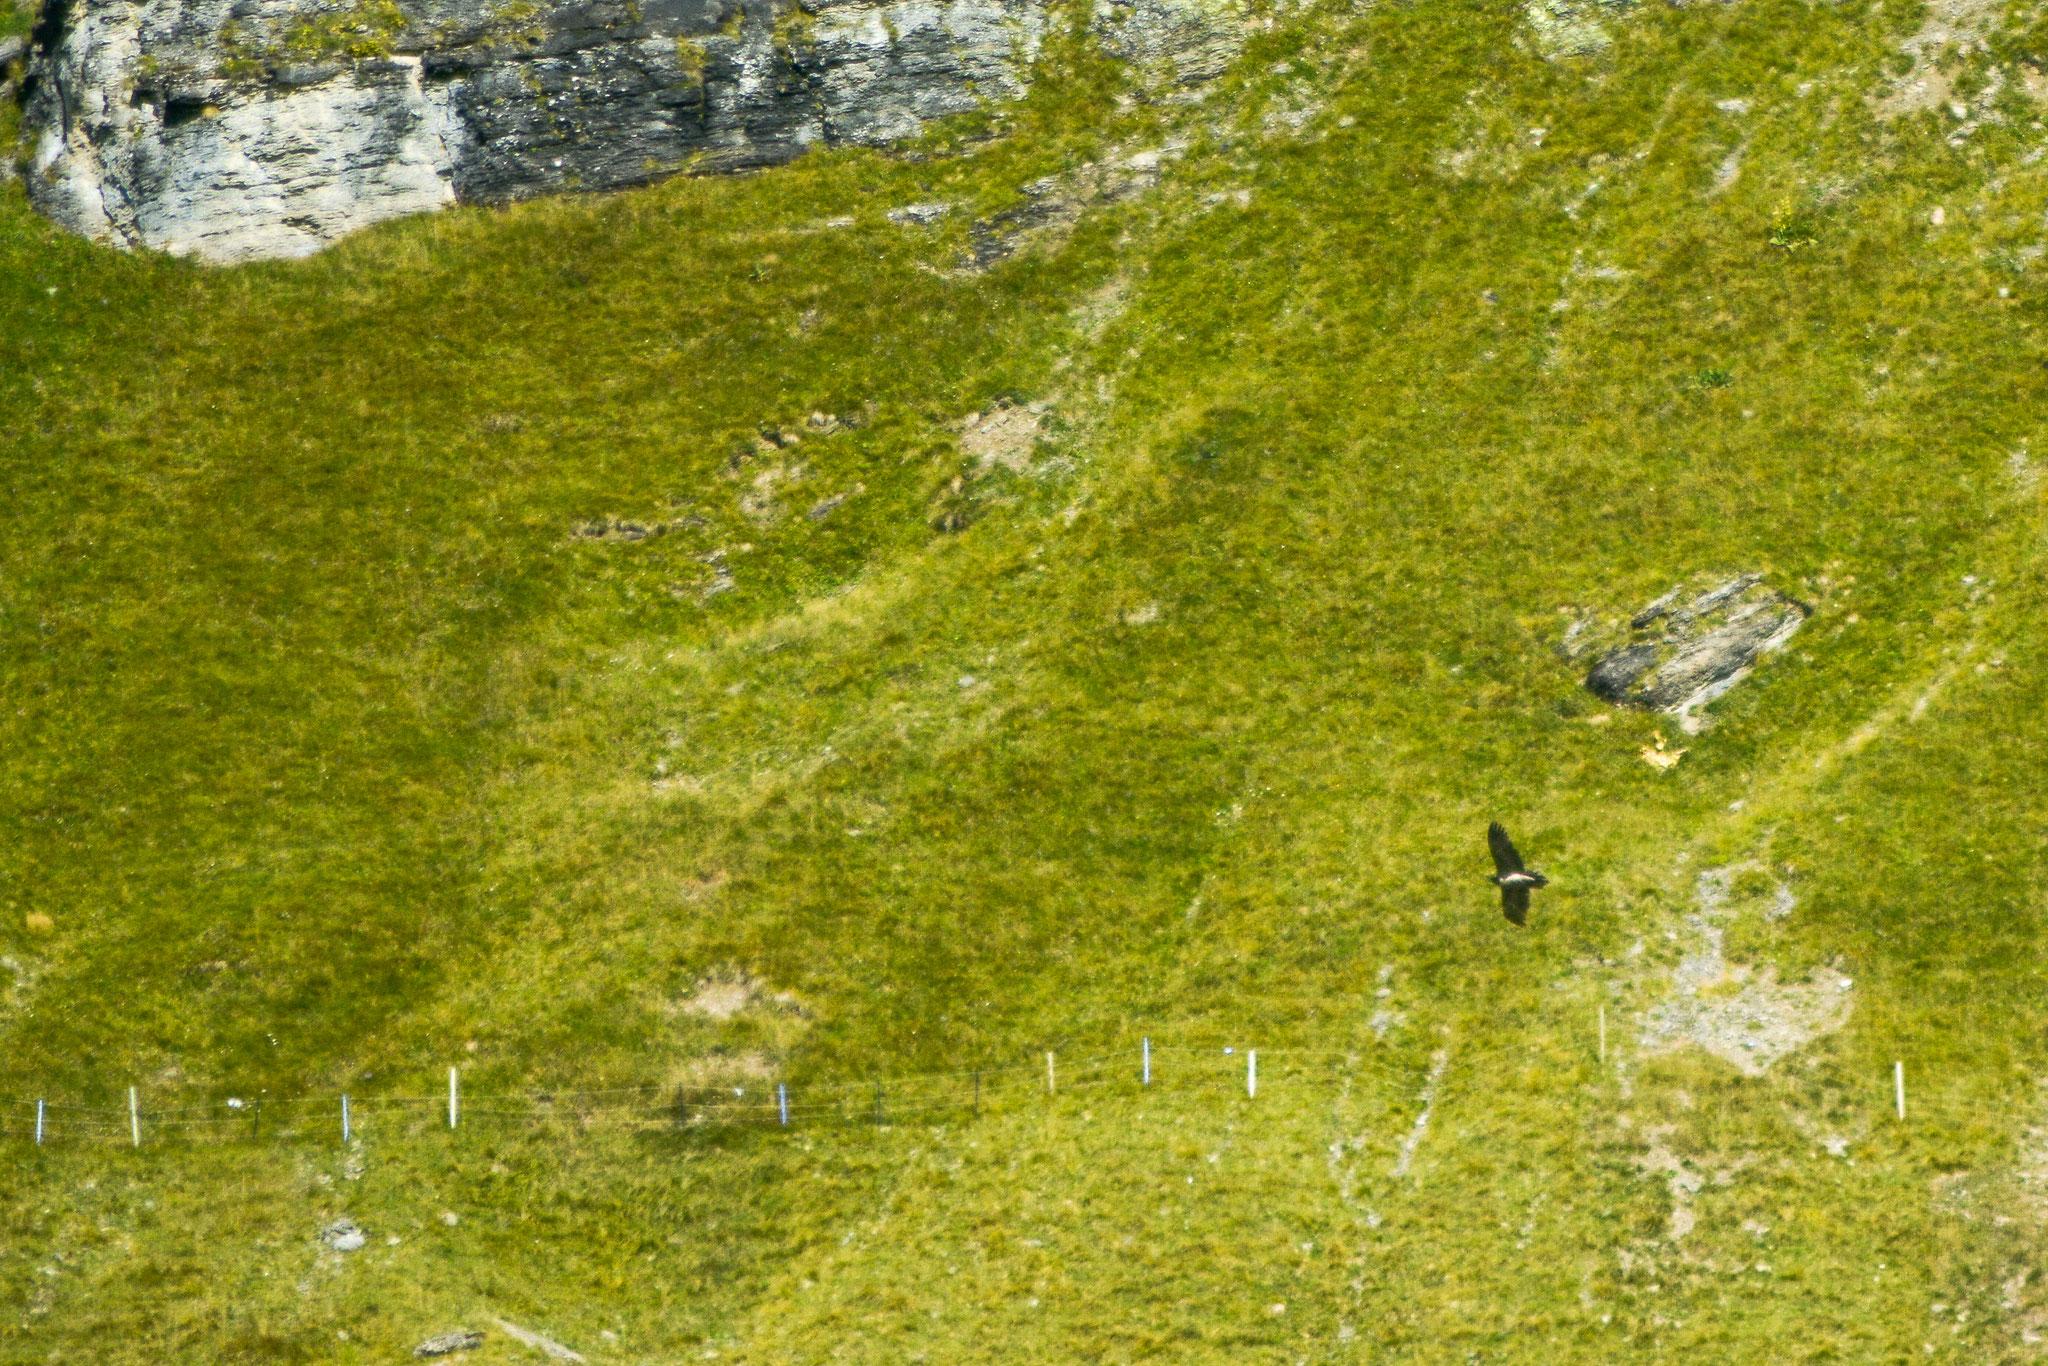 Bild: Ein Bartgeier schraubt sich mit Leichtigkeit gen Himmel zvg. Franziska Kiser